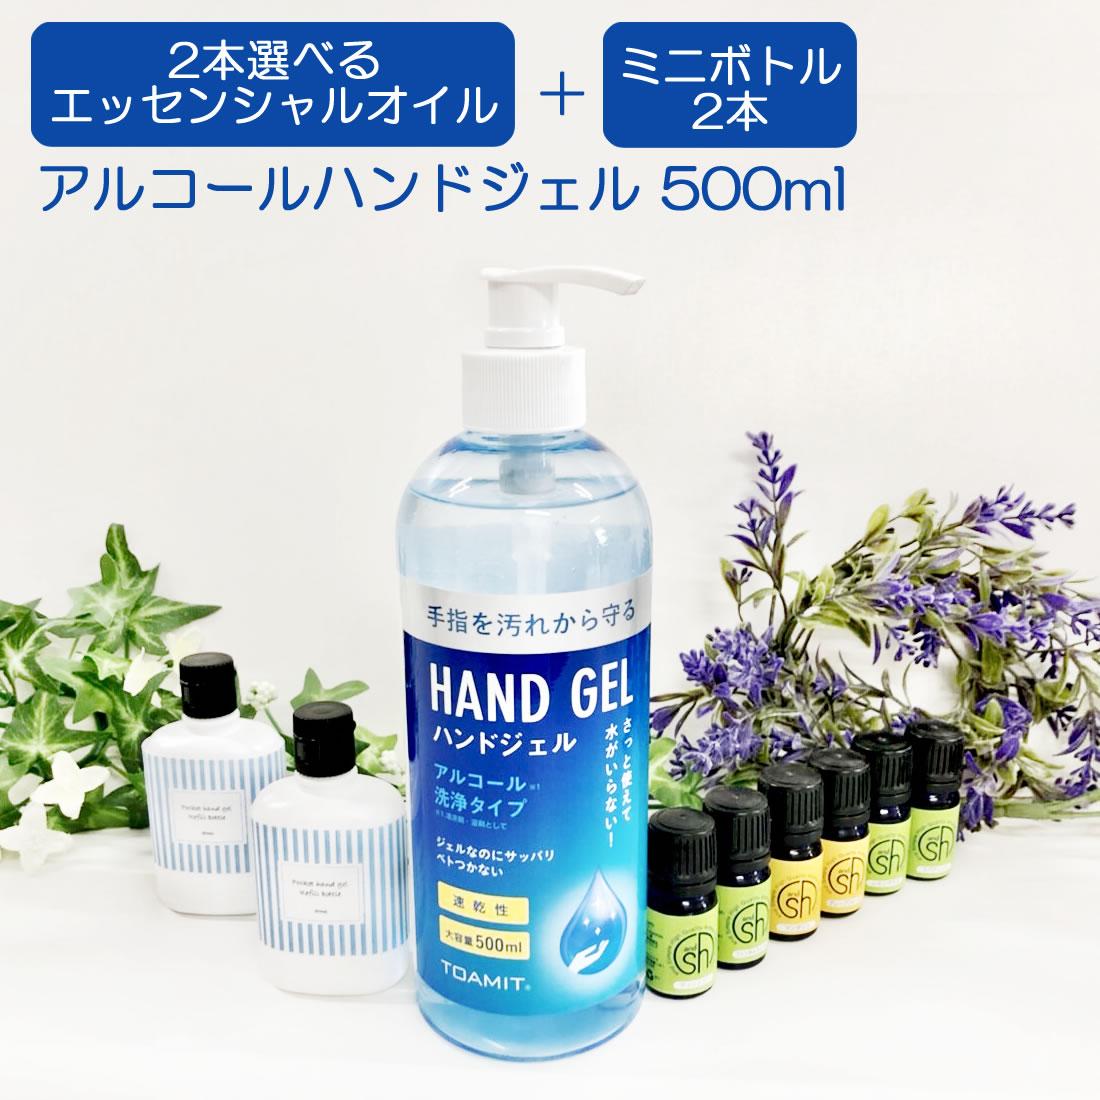 東亜 産業 アルコール ハンド ジェル